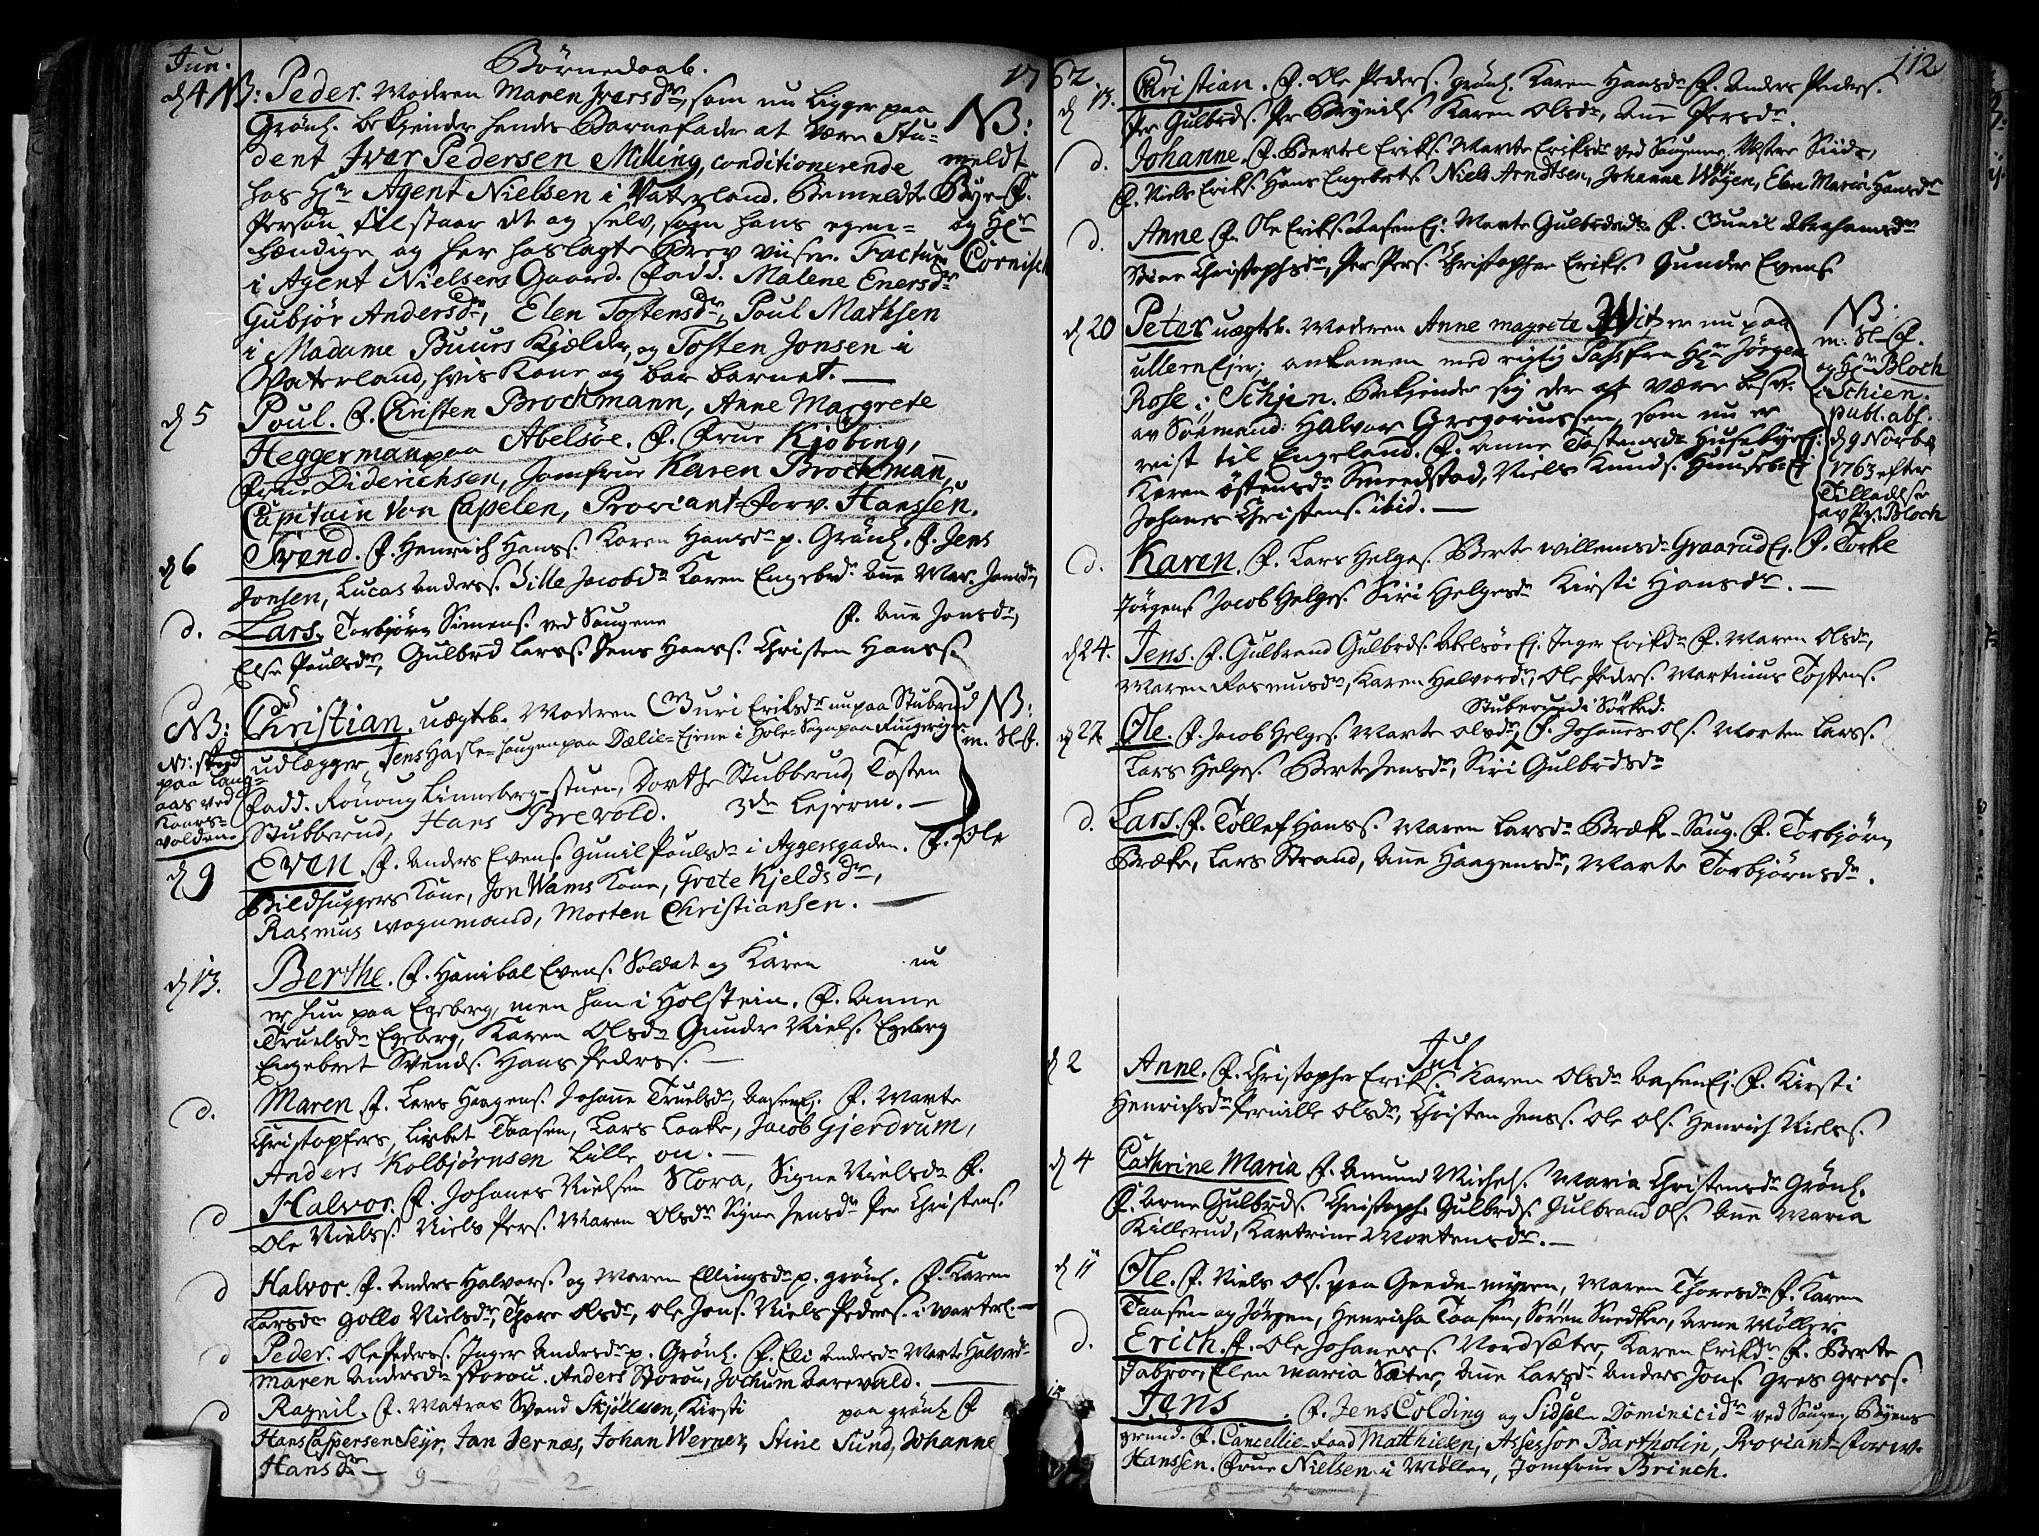 SAO, Aker prestekontor kirkebøker, F/L0008: Ministerialbok nr. 8, 1749-1765, s. 112